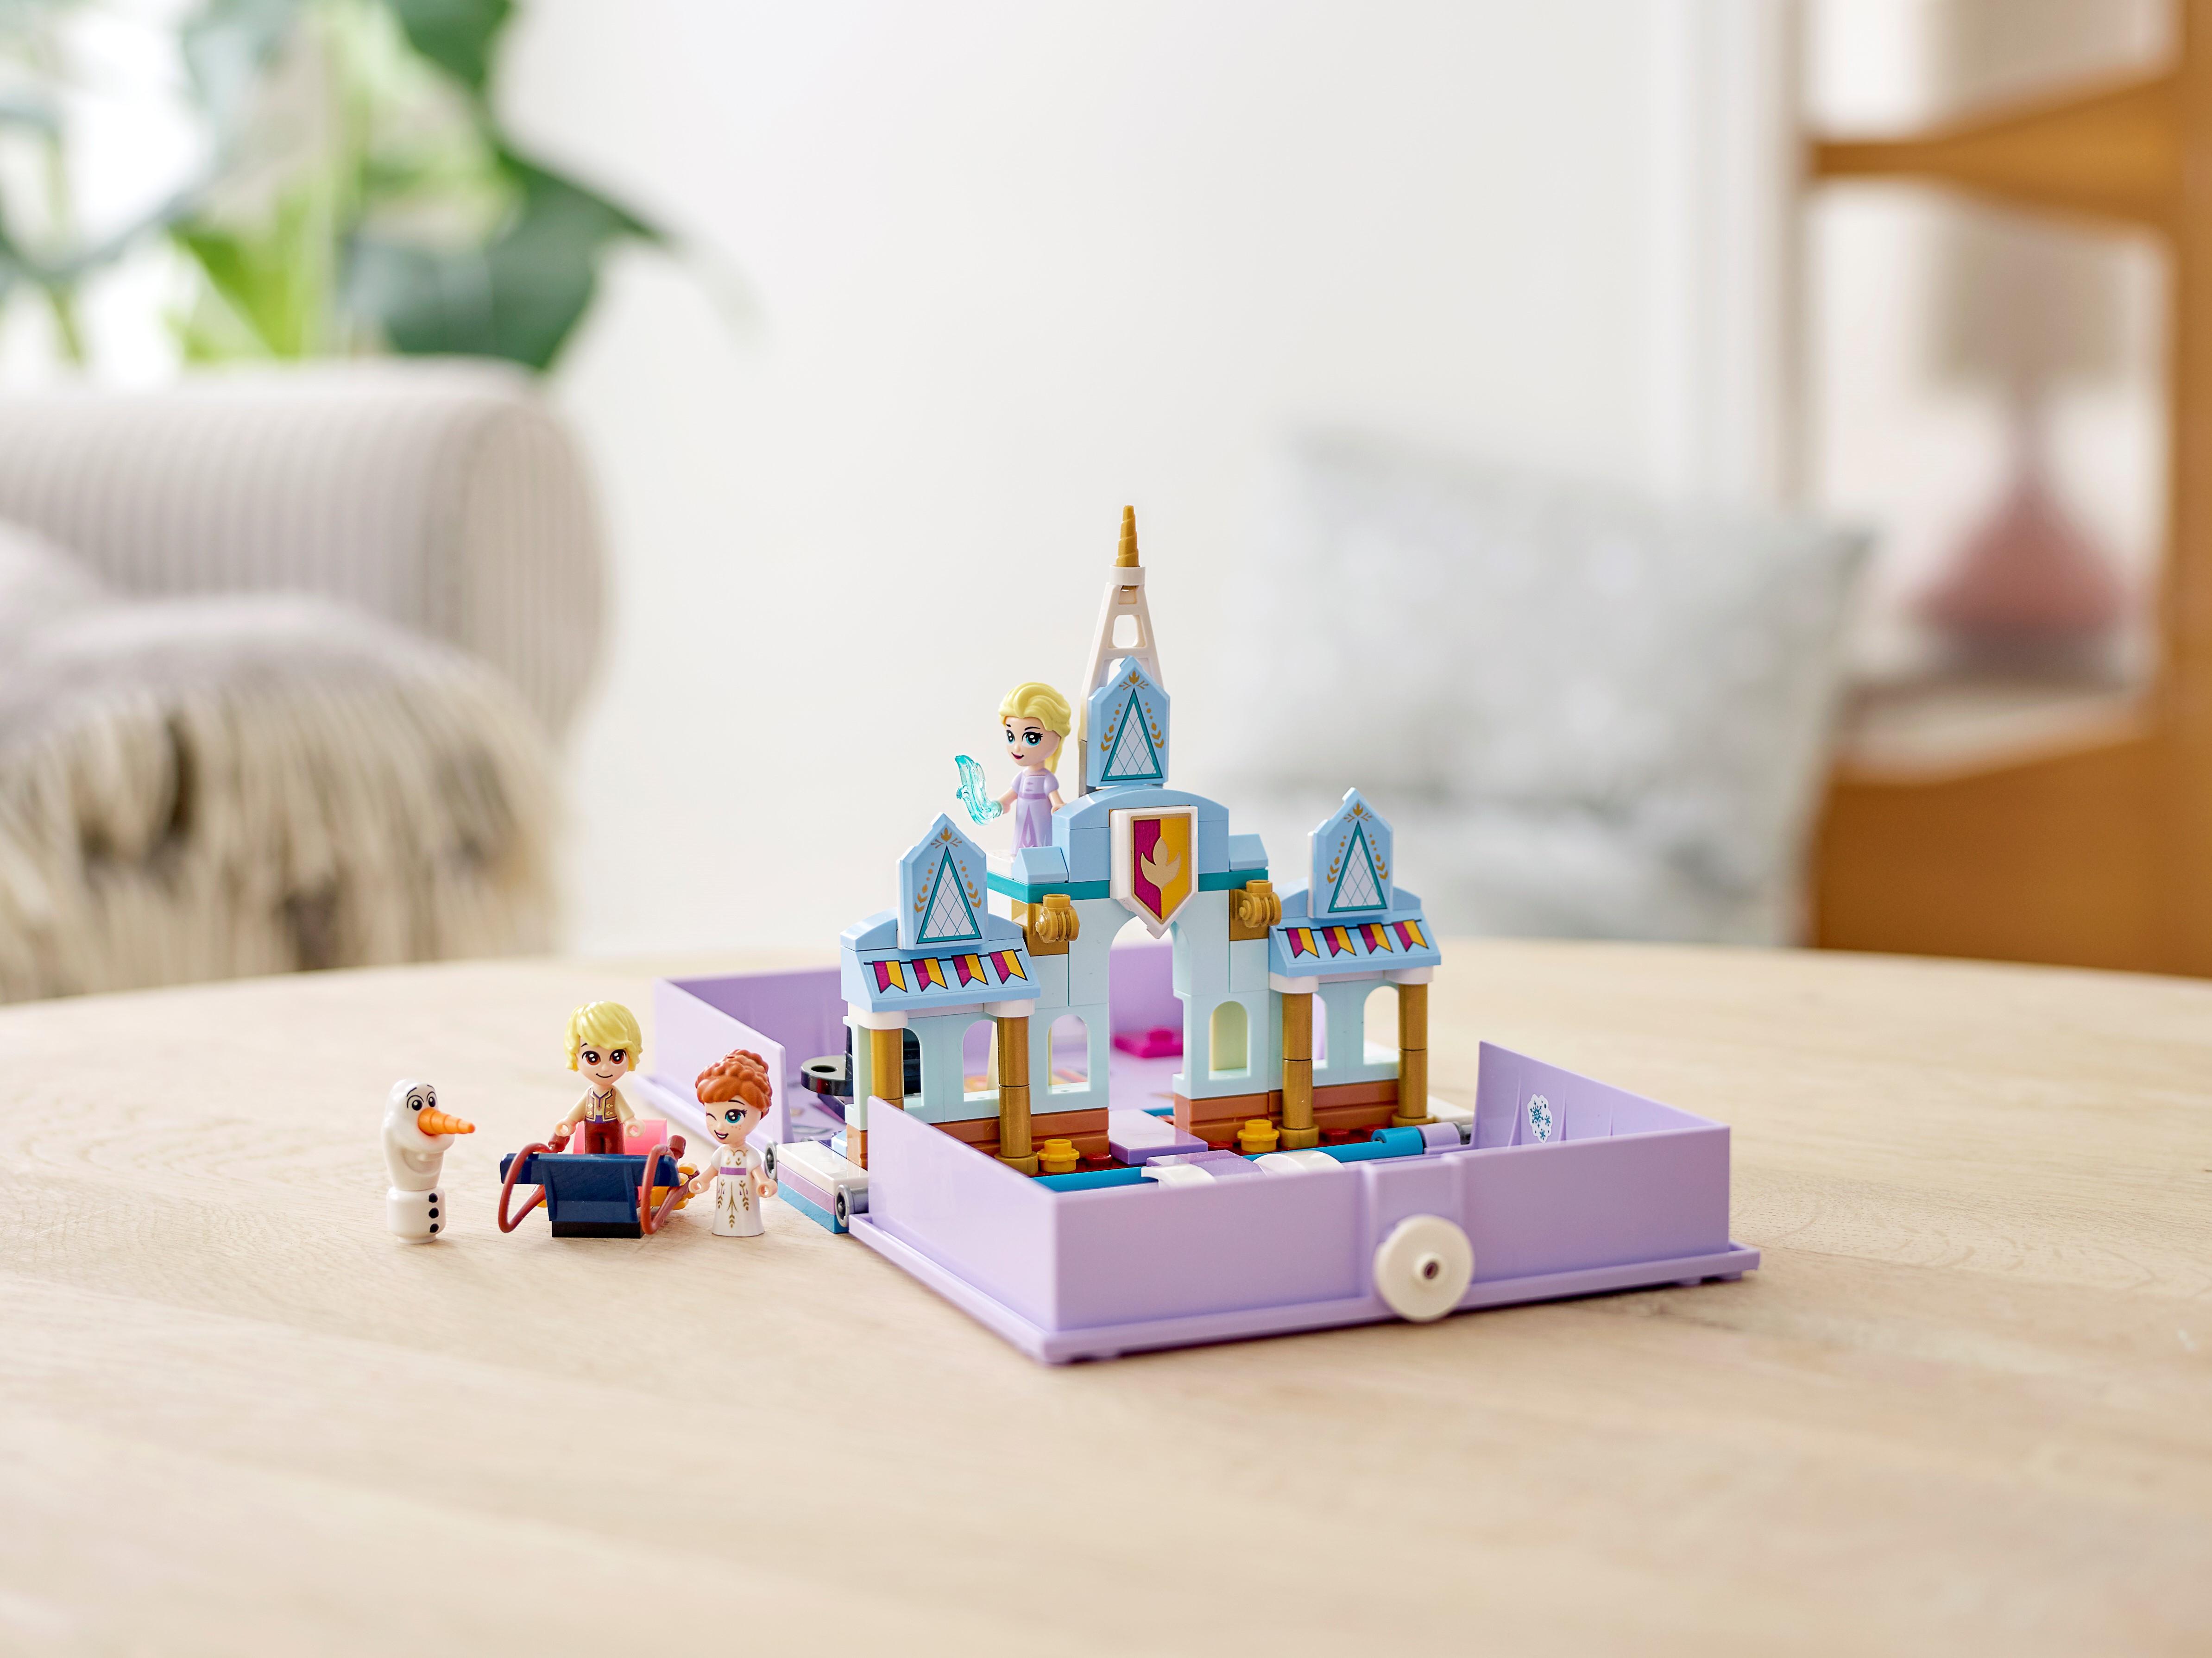 Elsa LEGO Disney Princess Figur Minifigur Doll Anna Olaf Märchen Buch 43175